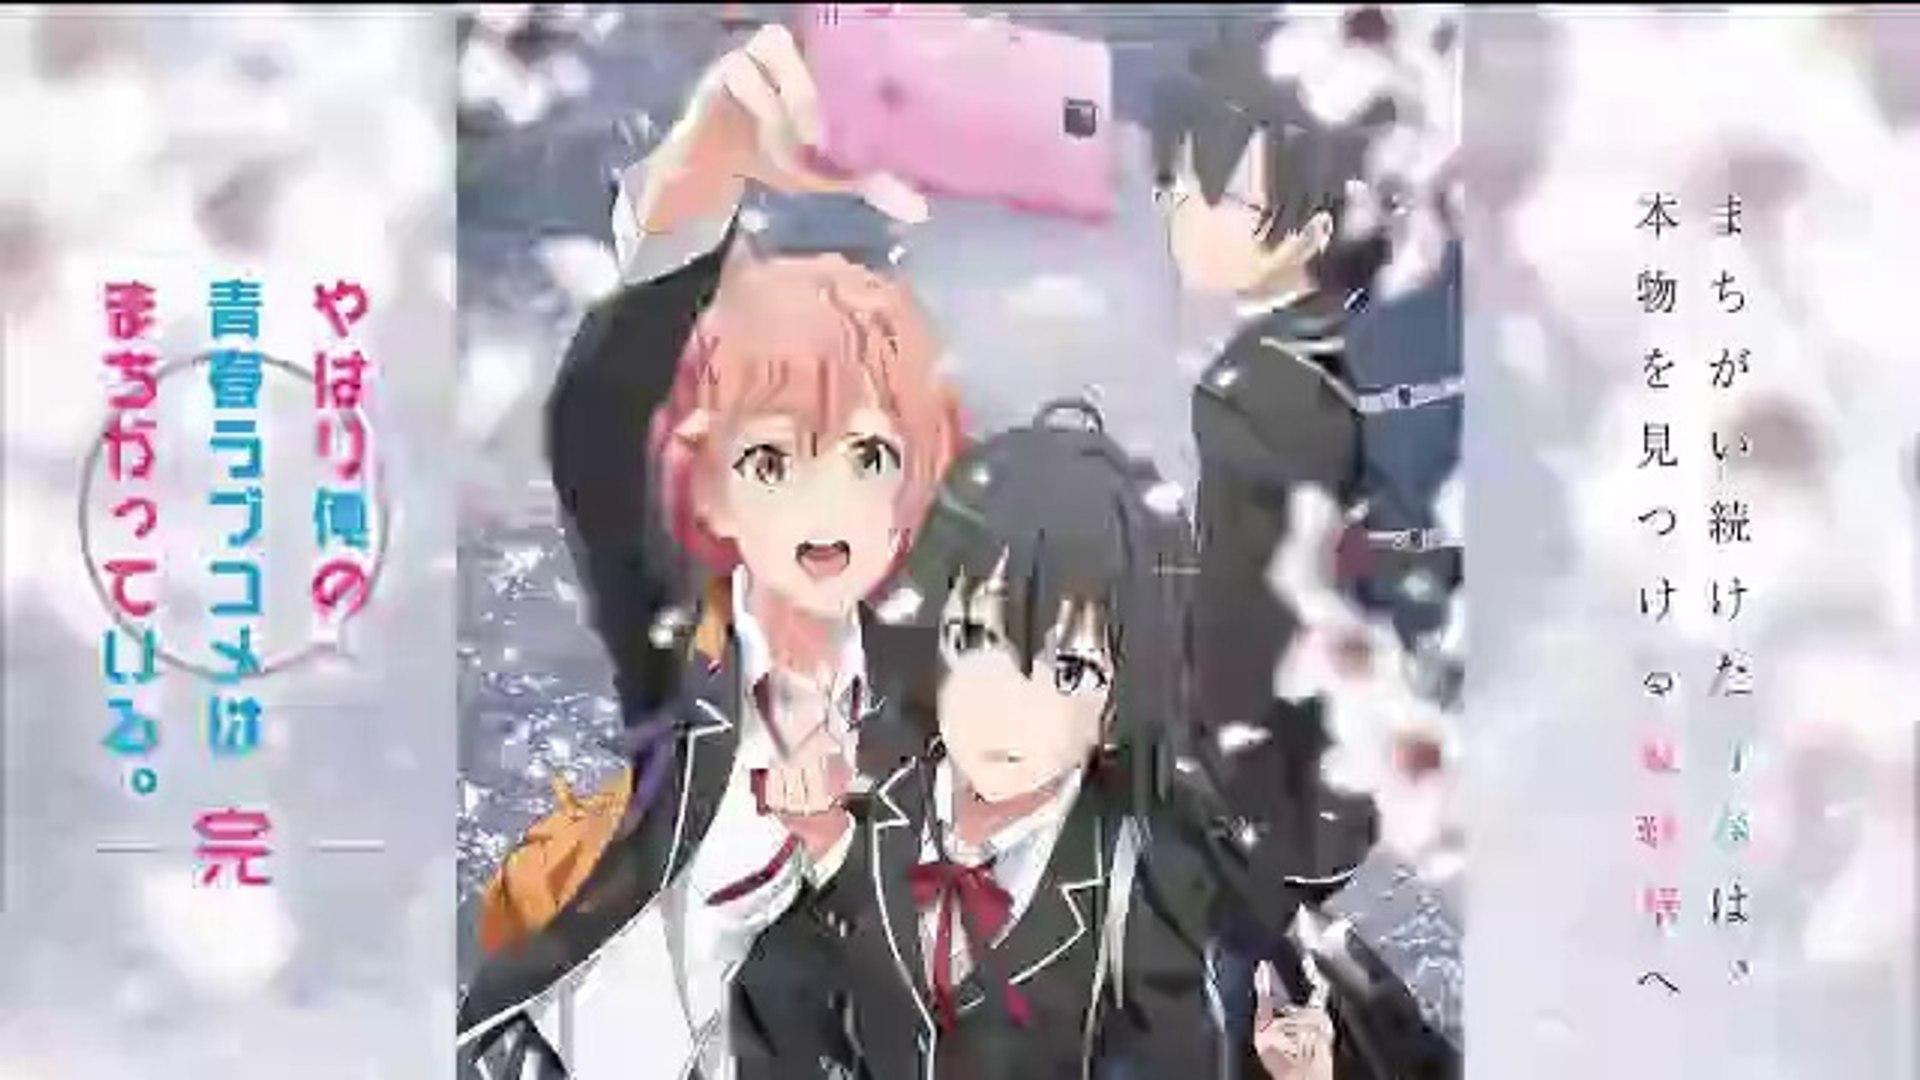 アニメ ブラック ブログ クローバー 動画